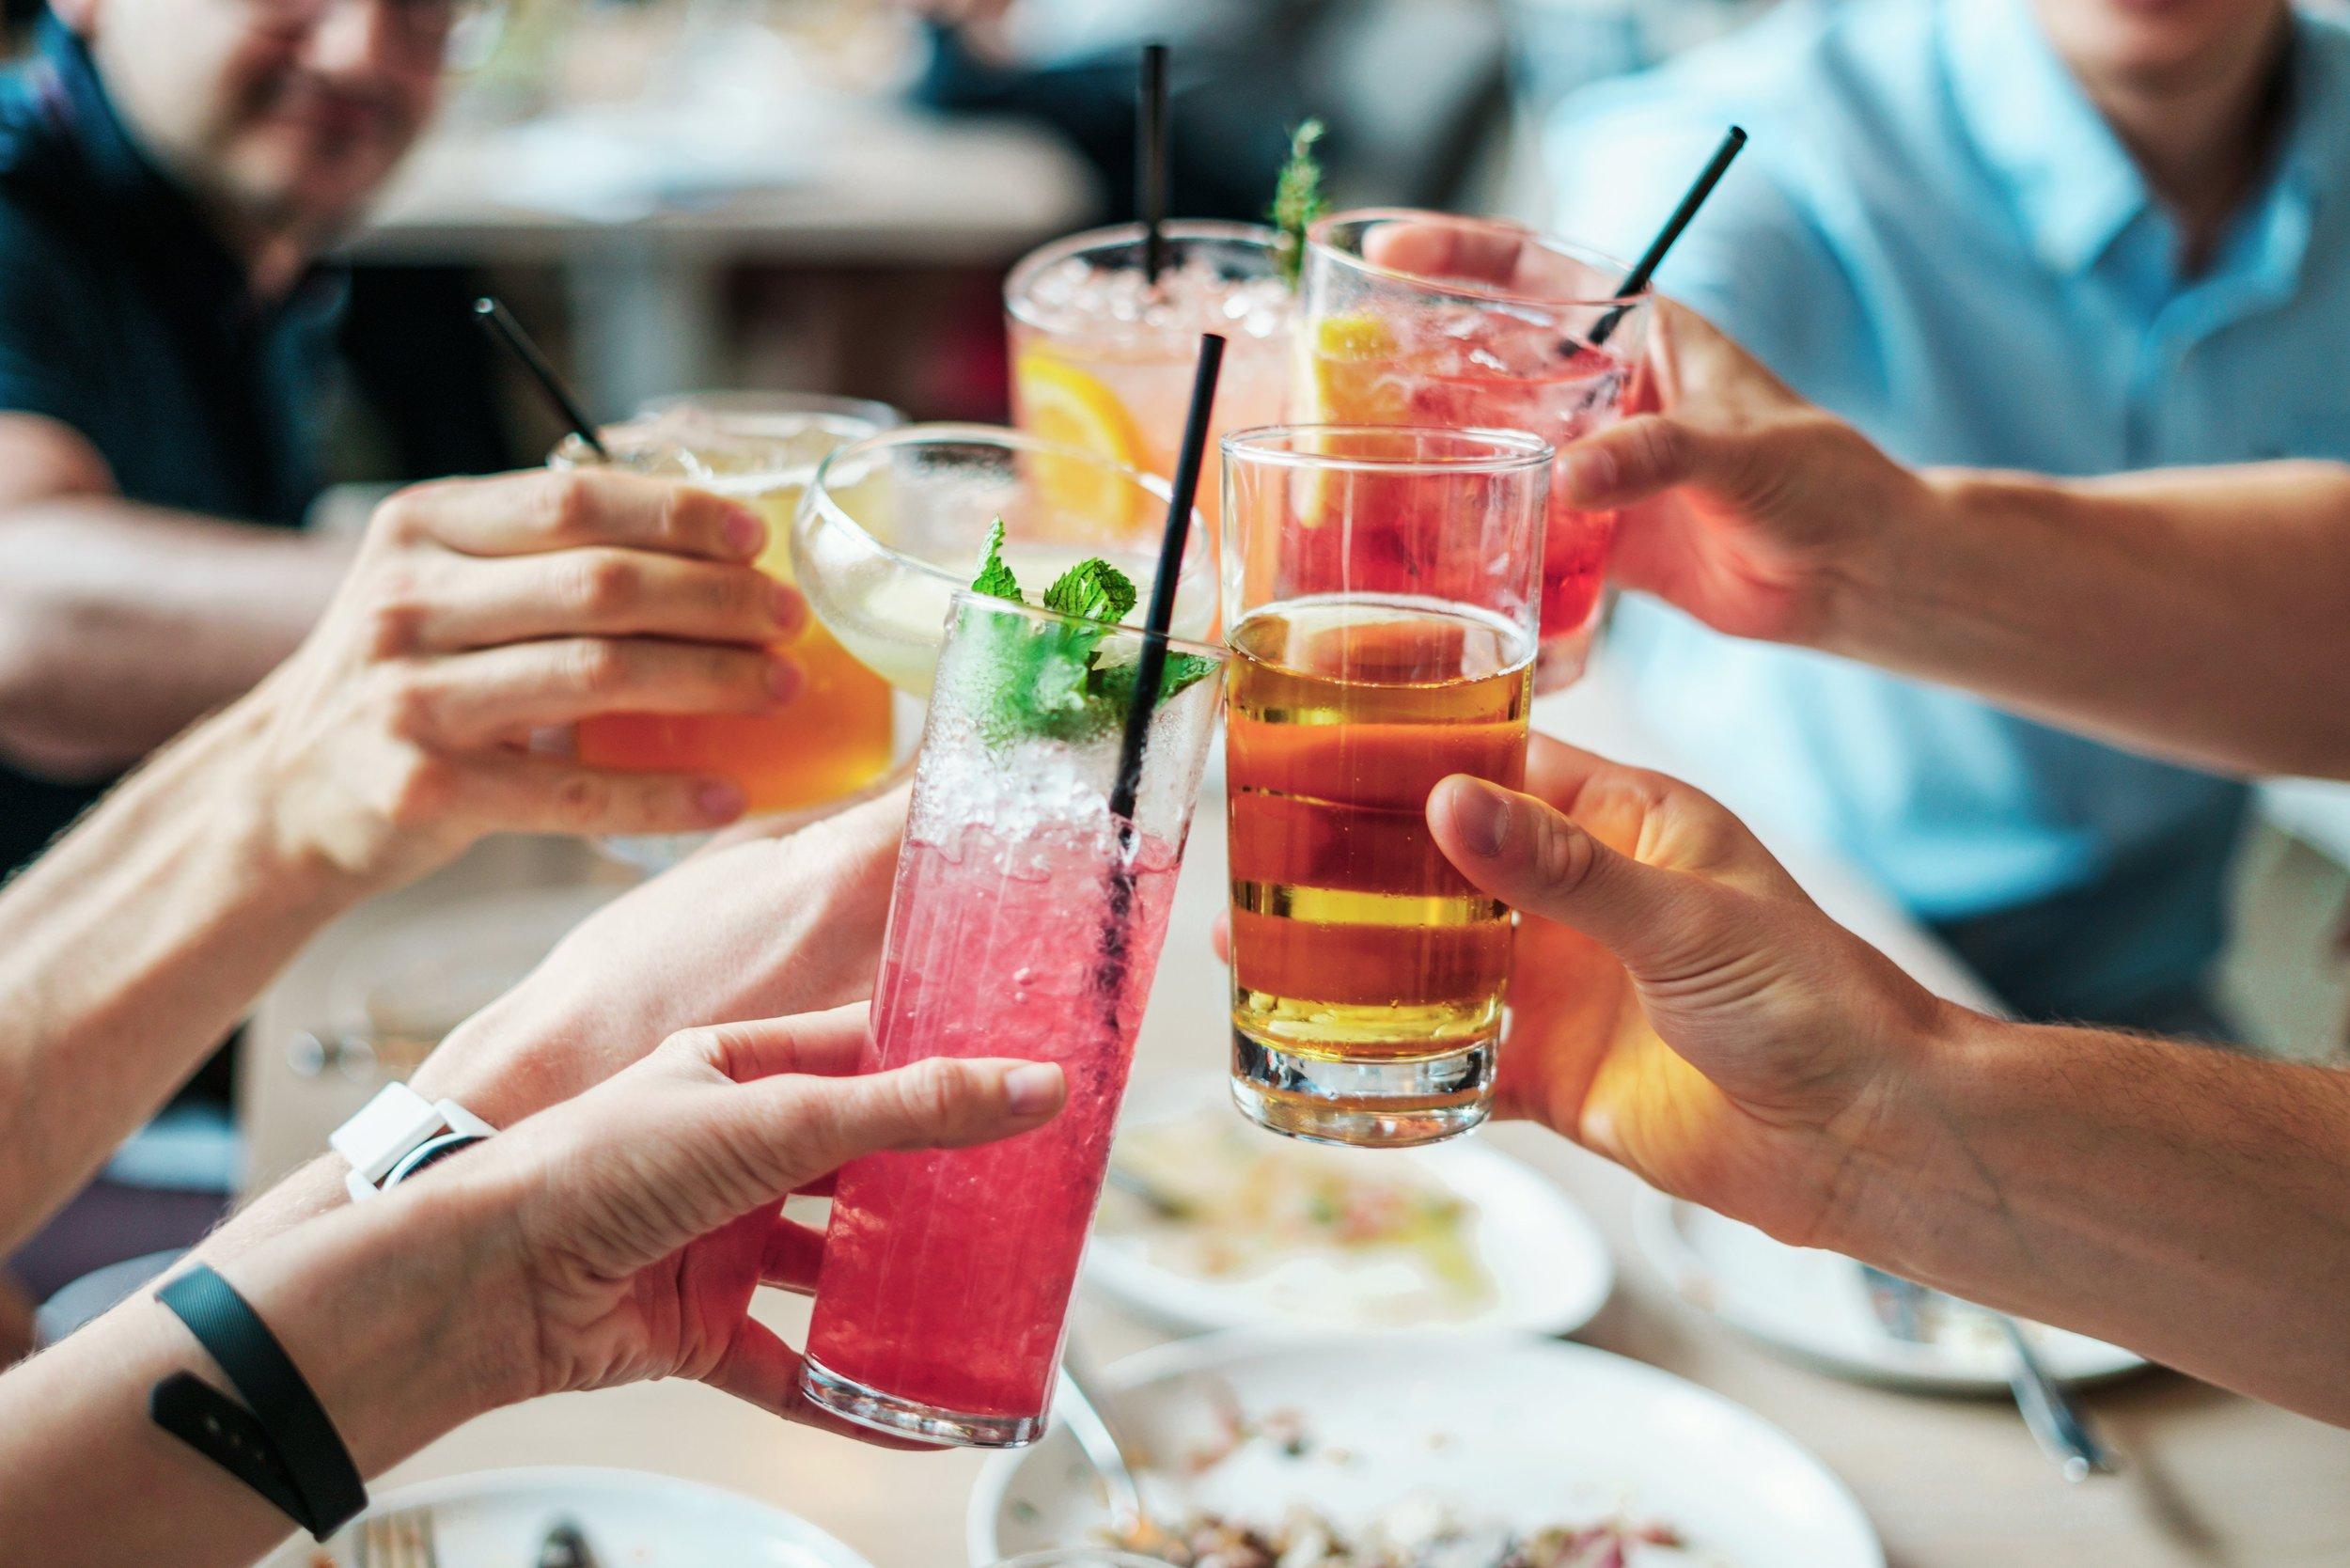 cheers-drink-group-544961.jpg